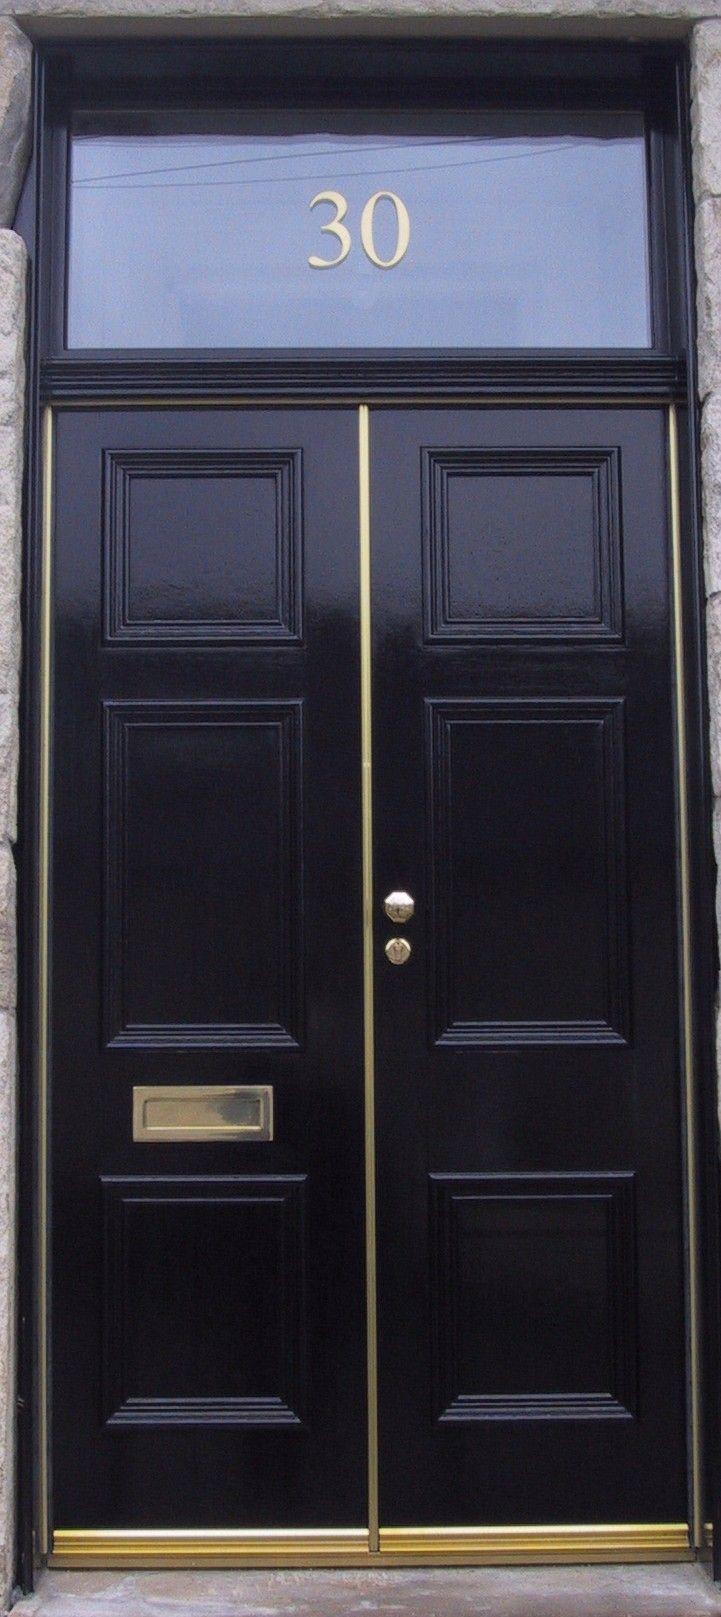 Black Double Front Door House Number Httpthayermanorwordpress